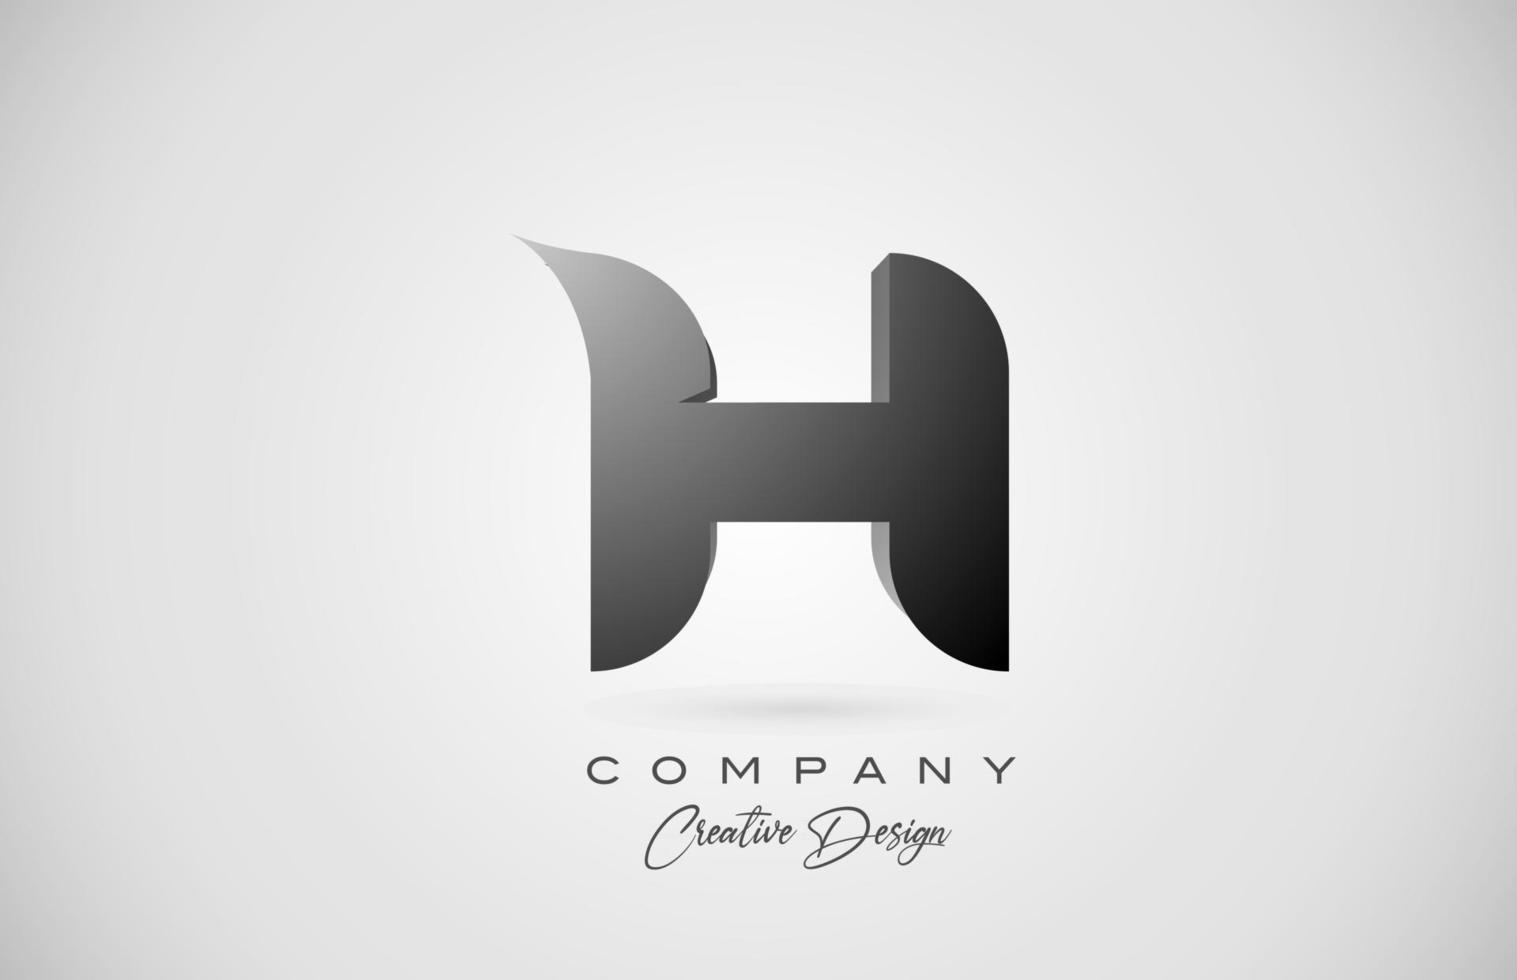 logotipo do ícone da letra h do alfabeto em gradiente preto. design criativo para negócios e empresa vetor